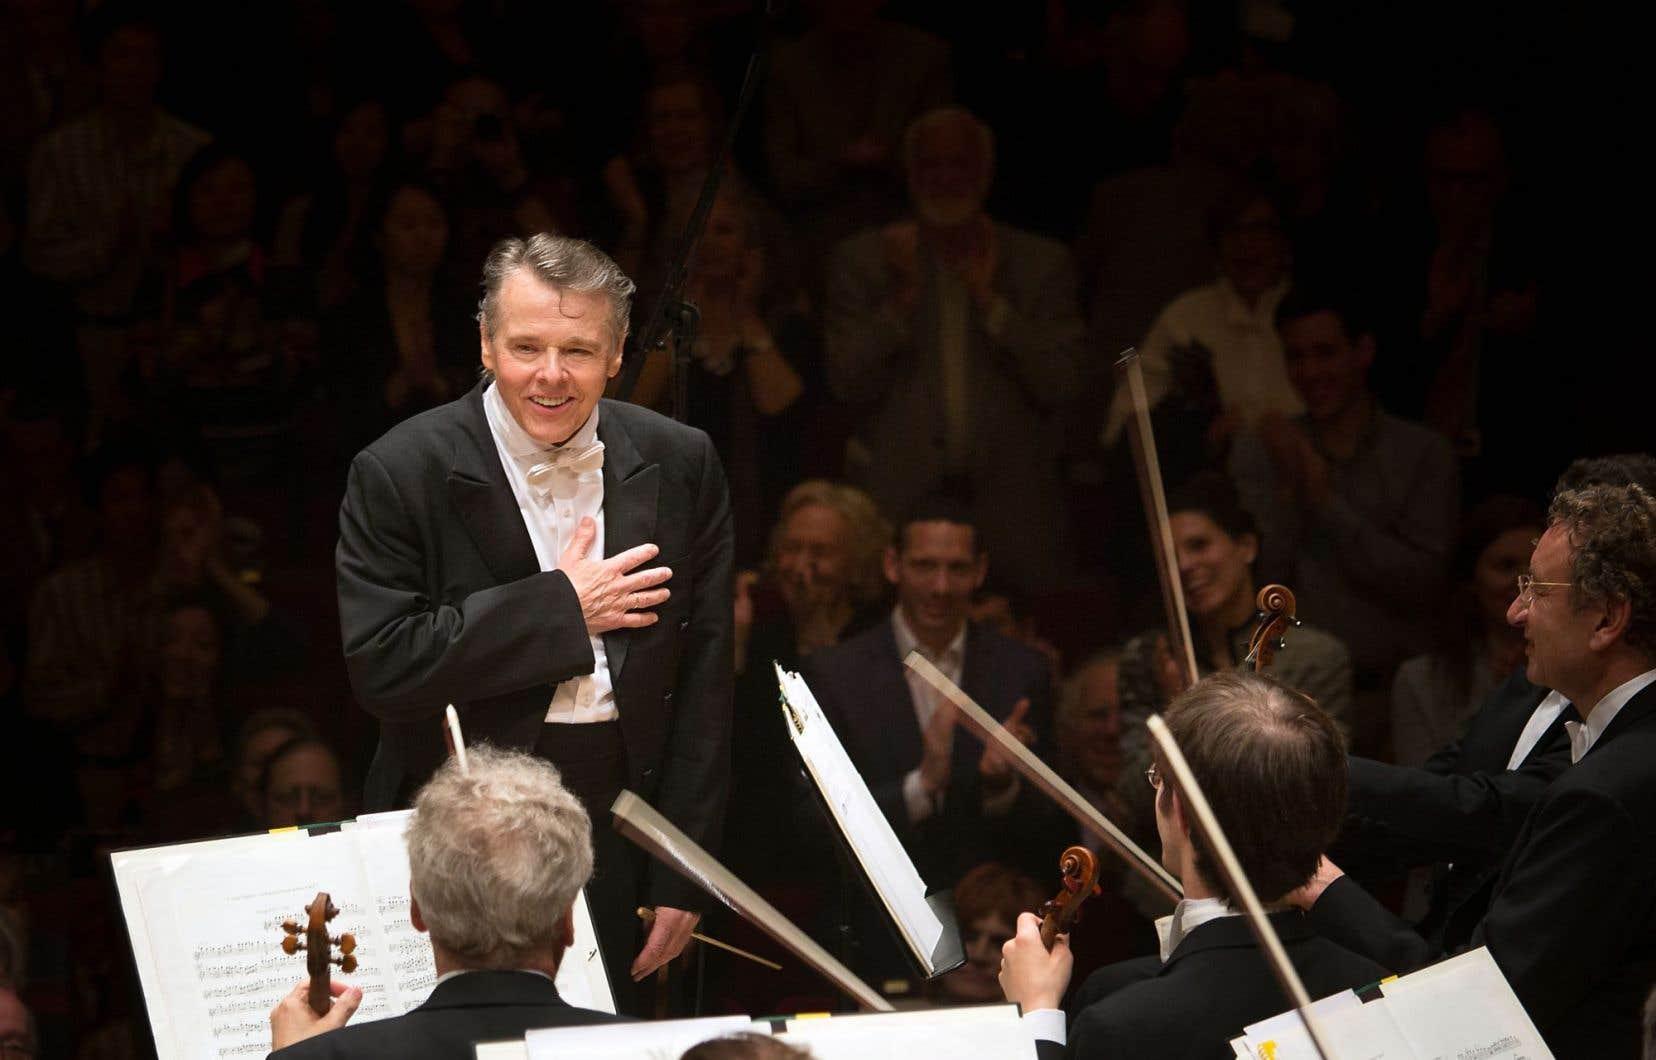 On l'a peut-être oublié depuis son dernier passage en 1992, mais Mariss Jansons fut en son temps un invité régulier de l'Orchestre symphonique de Montréal.